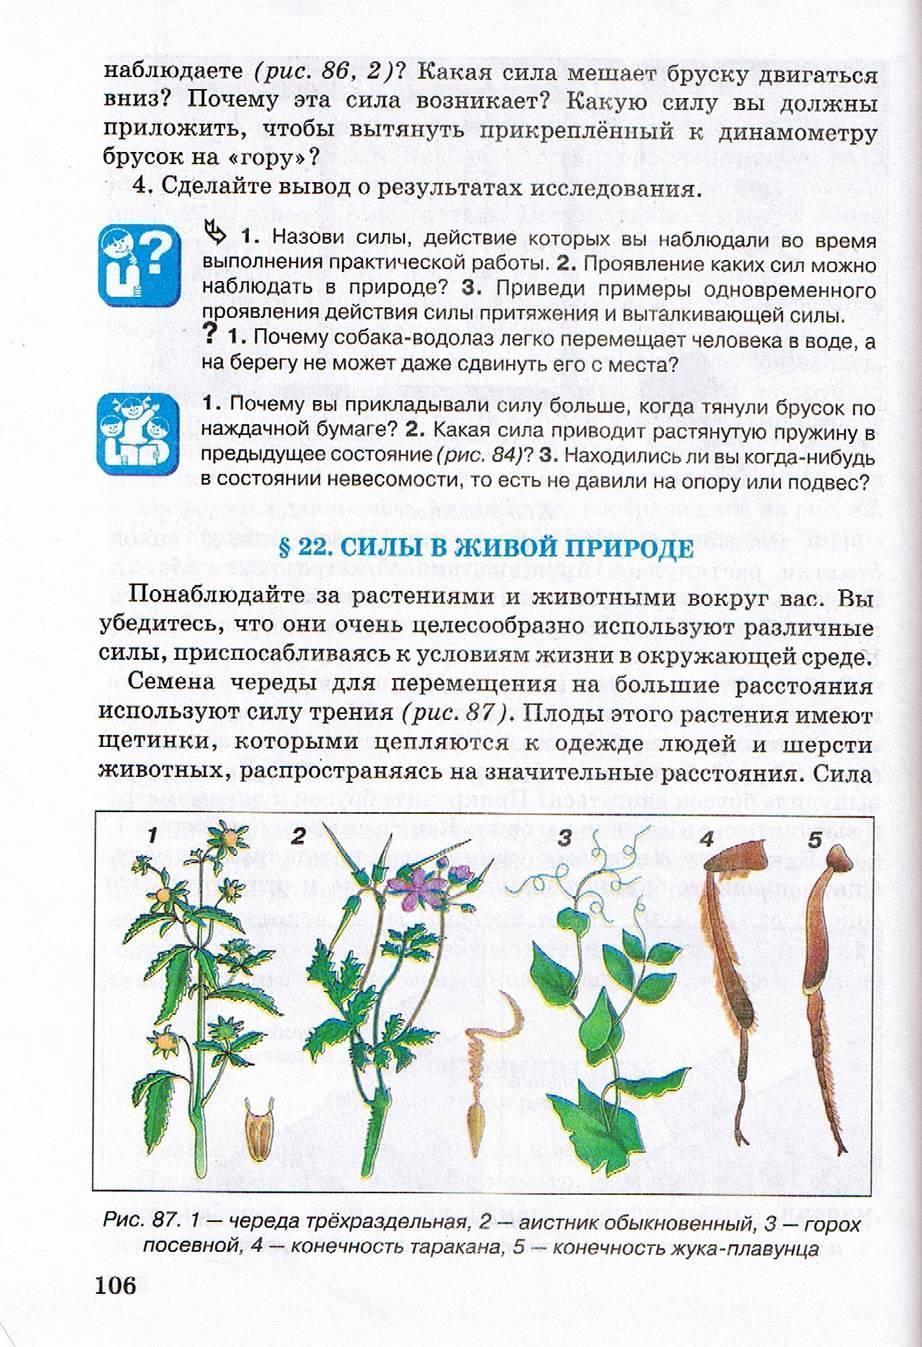 ильченко 6 в.р класс решебник по природоведению